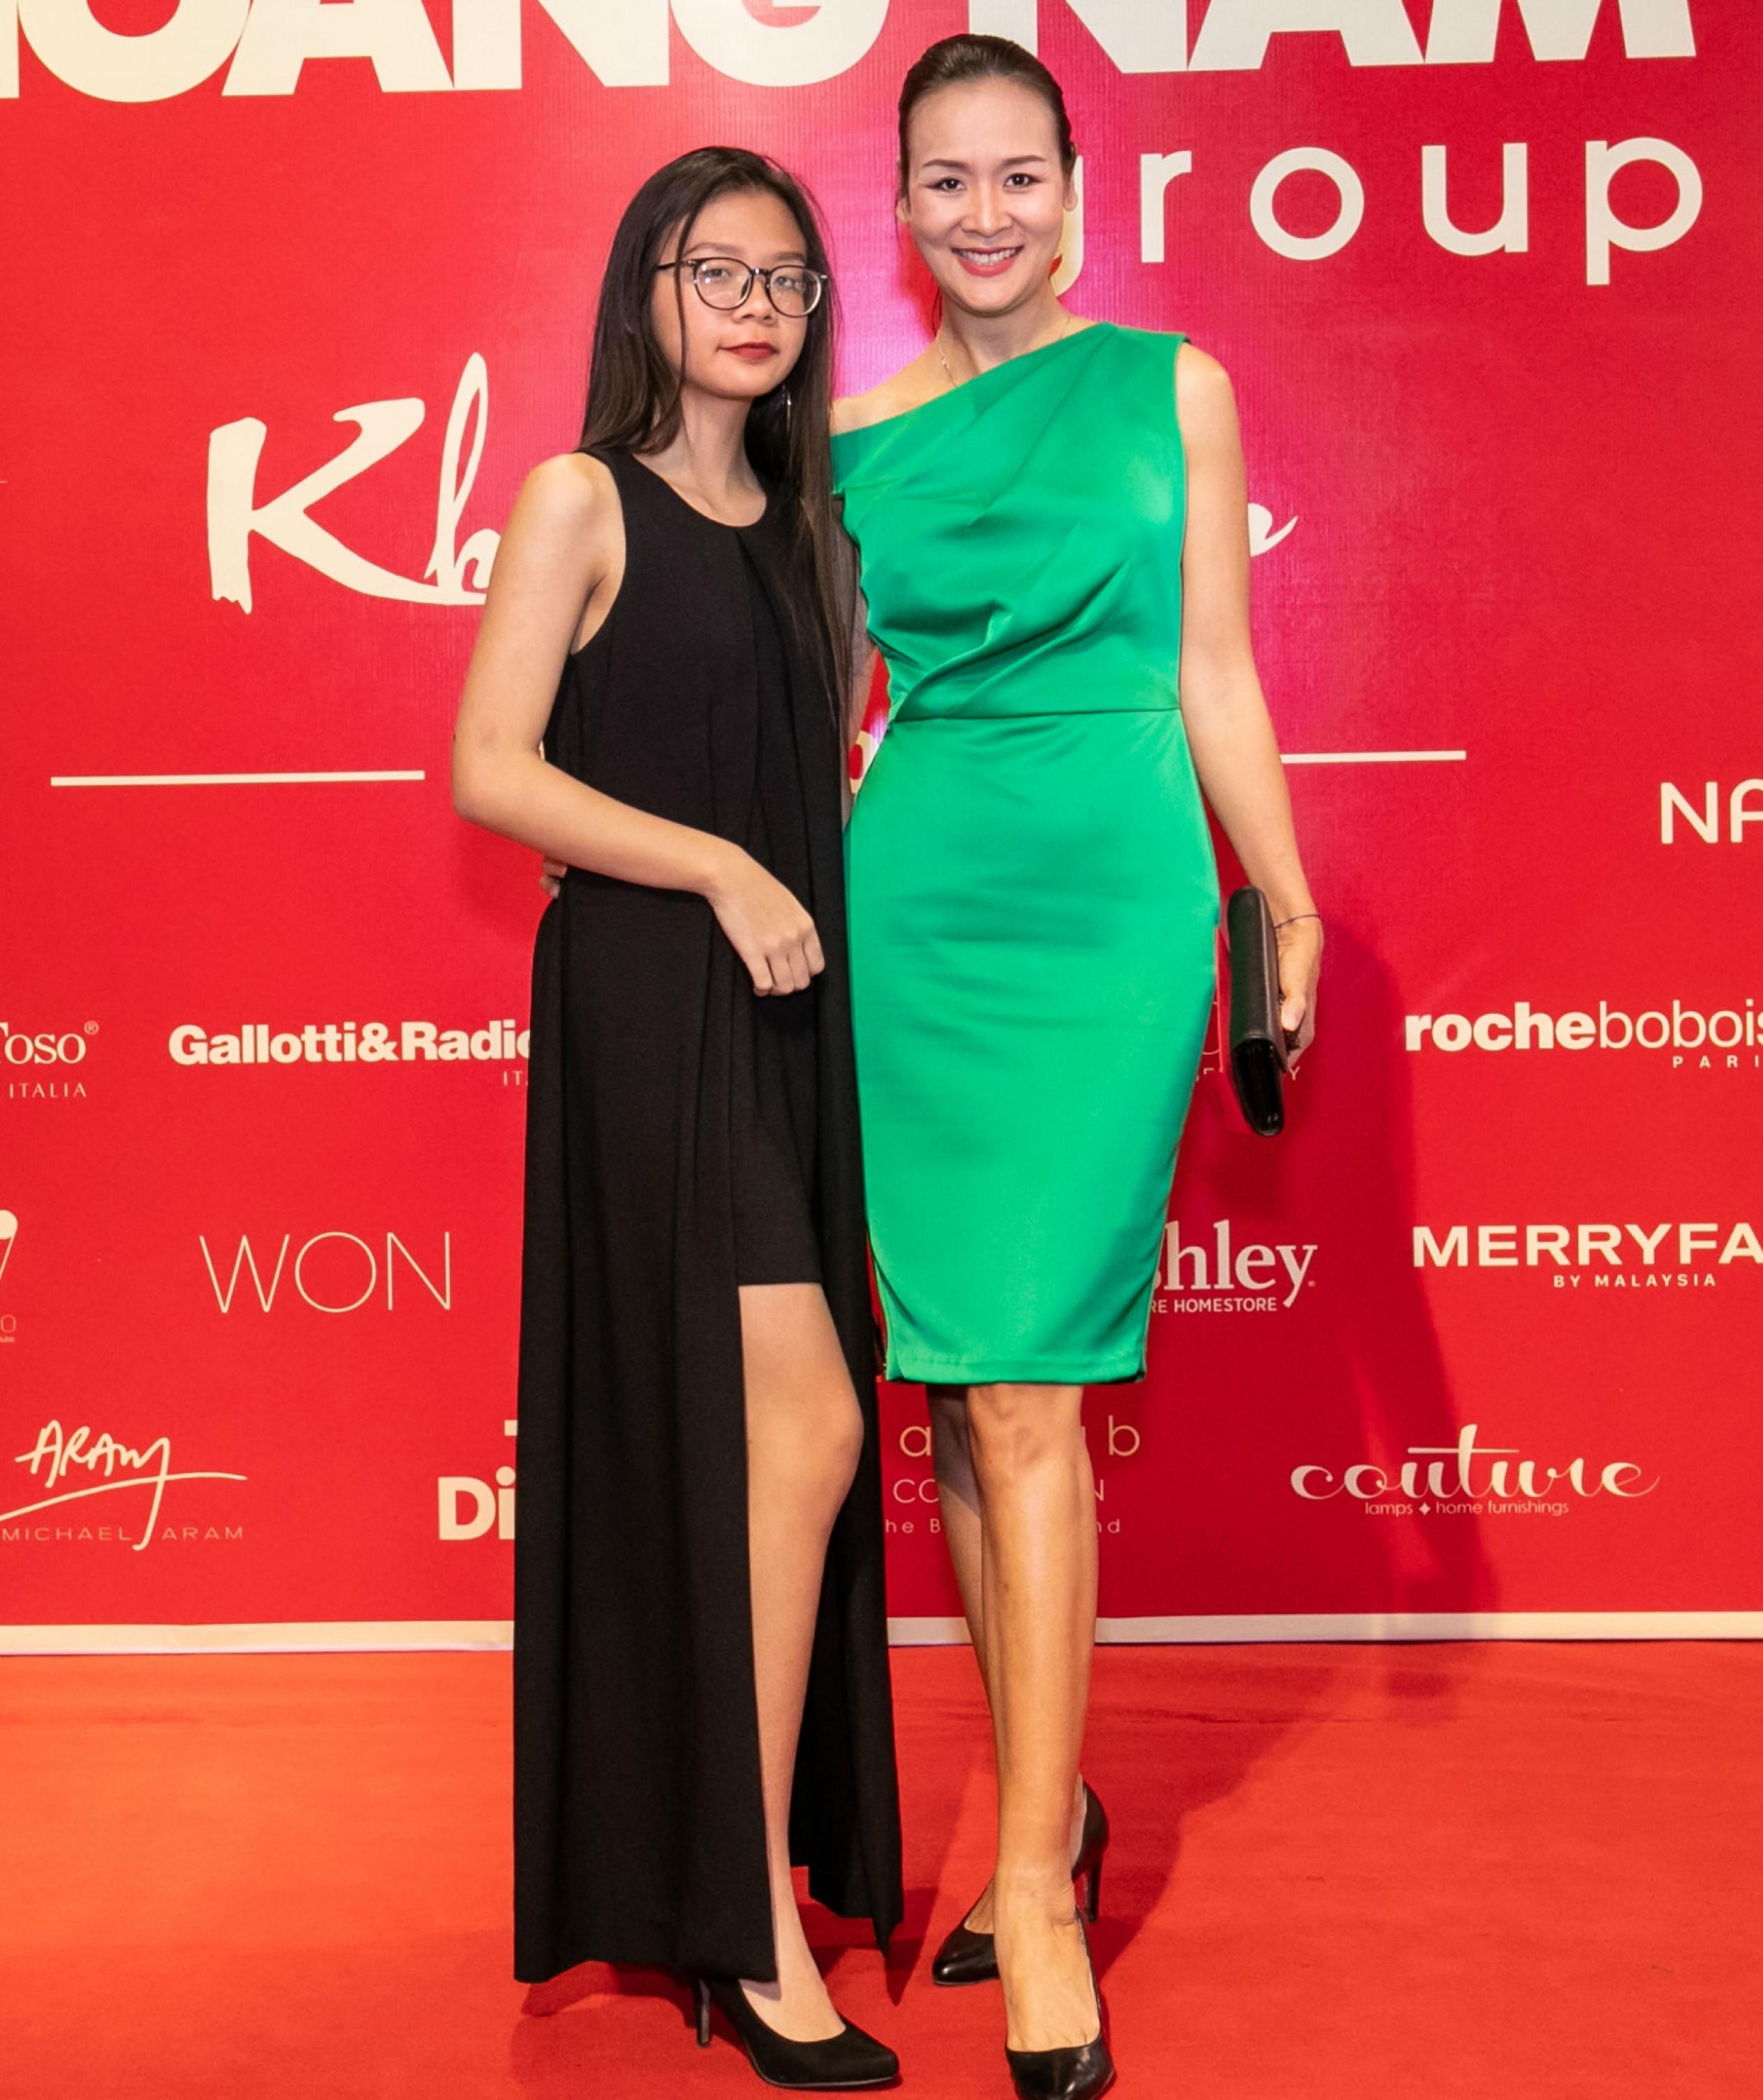 Trần Bảo Ngọc thuộc lứa người mẫu nổi tiếng đầu tiên của Việt Nam. Cô đoạt vương miện tại cuộc thi Hoa hậu PNVN Qua ảnh lần đầu tiên do Báo PNVN tổ chức vào năm 2000. Hoa hậu Trần Bảo Ngọc tới sự kiện cùng con gái Bảo Chân. Bảo Chân năm nay 17 tuổi, cô bé đã cao xấp xỉ người mẹ 1m76 của mình.